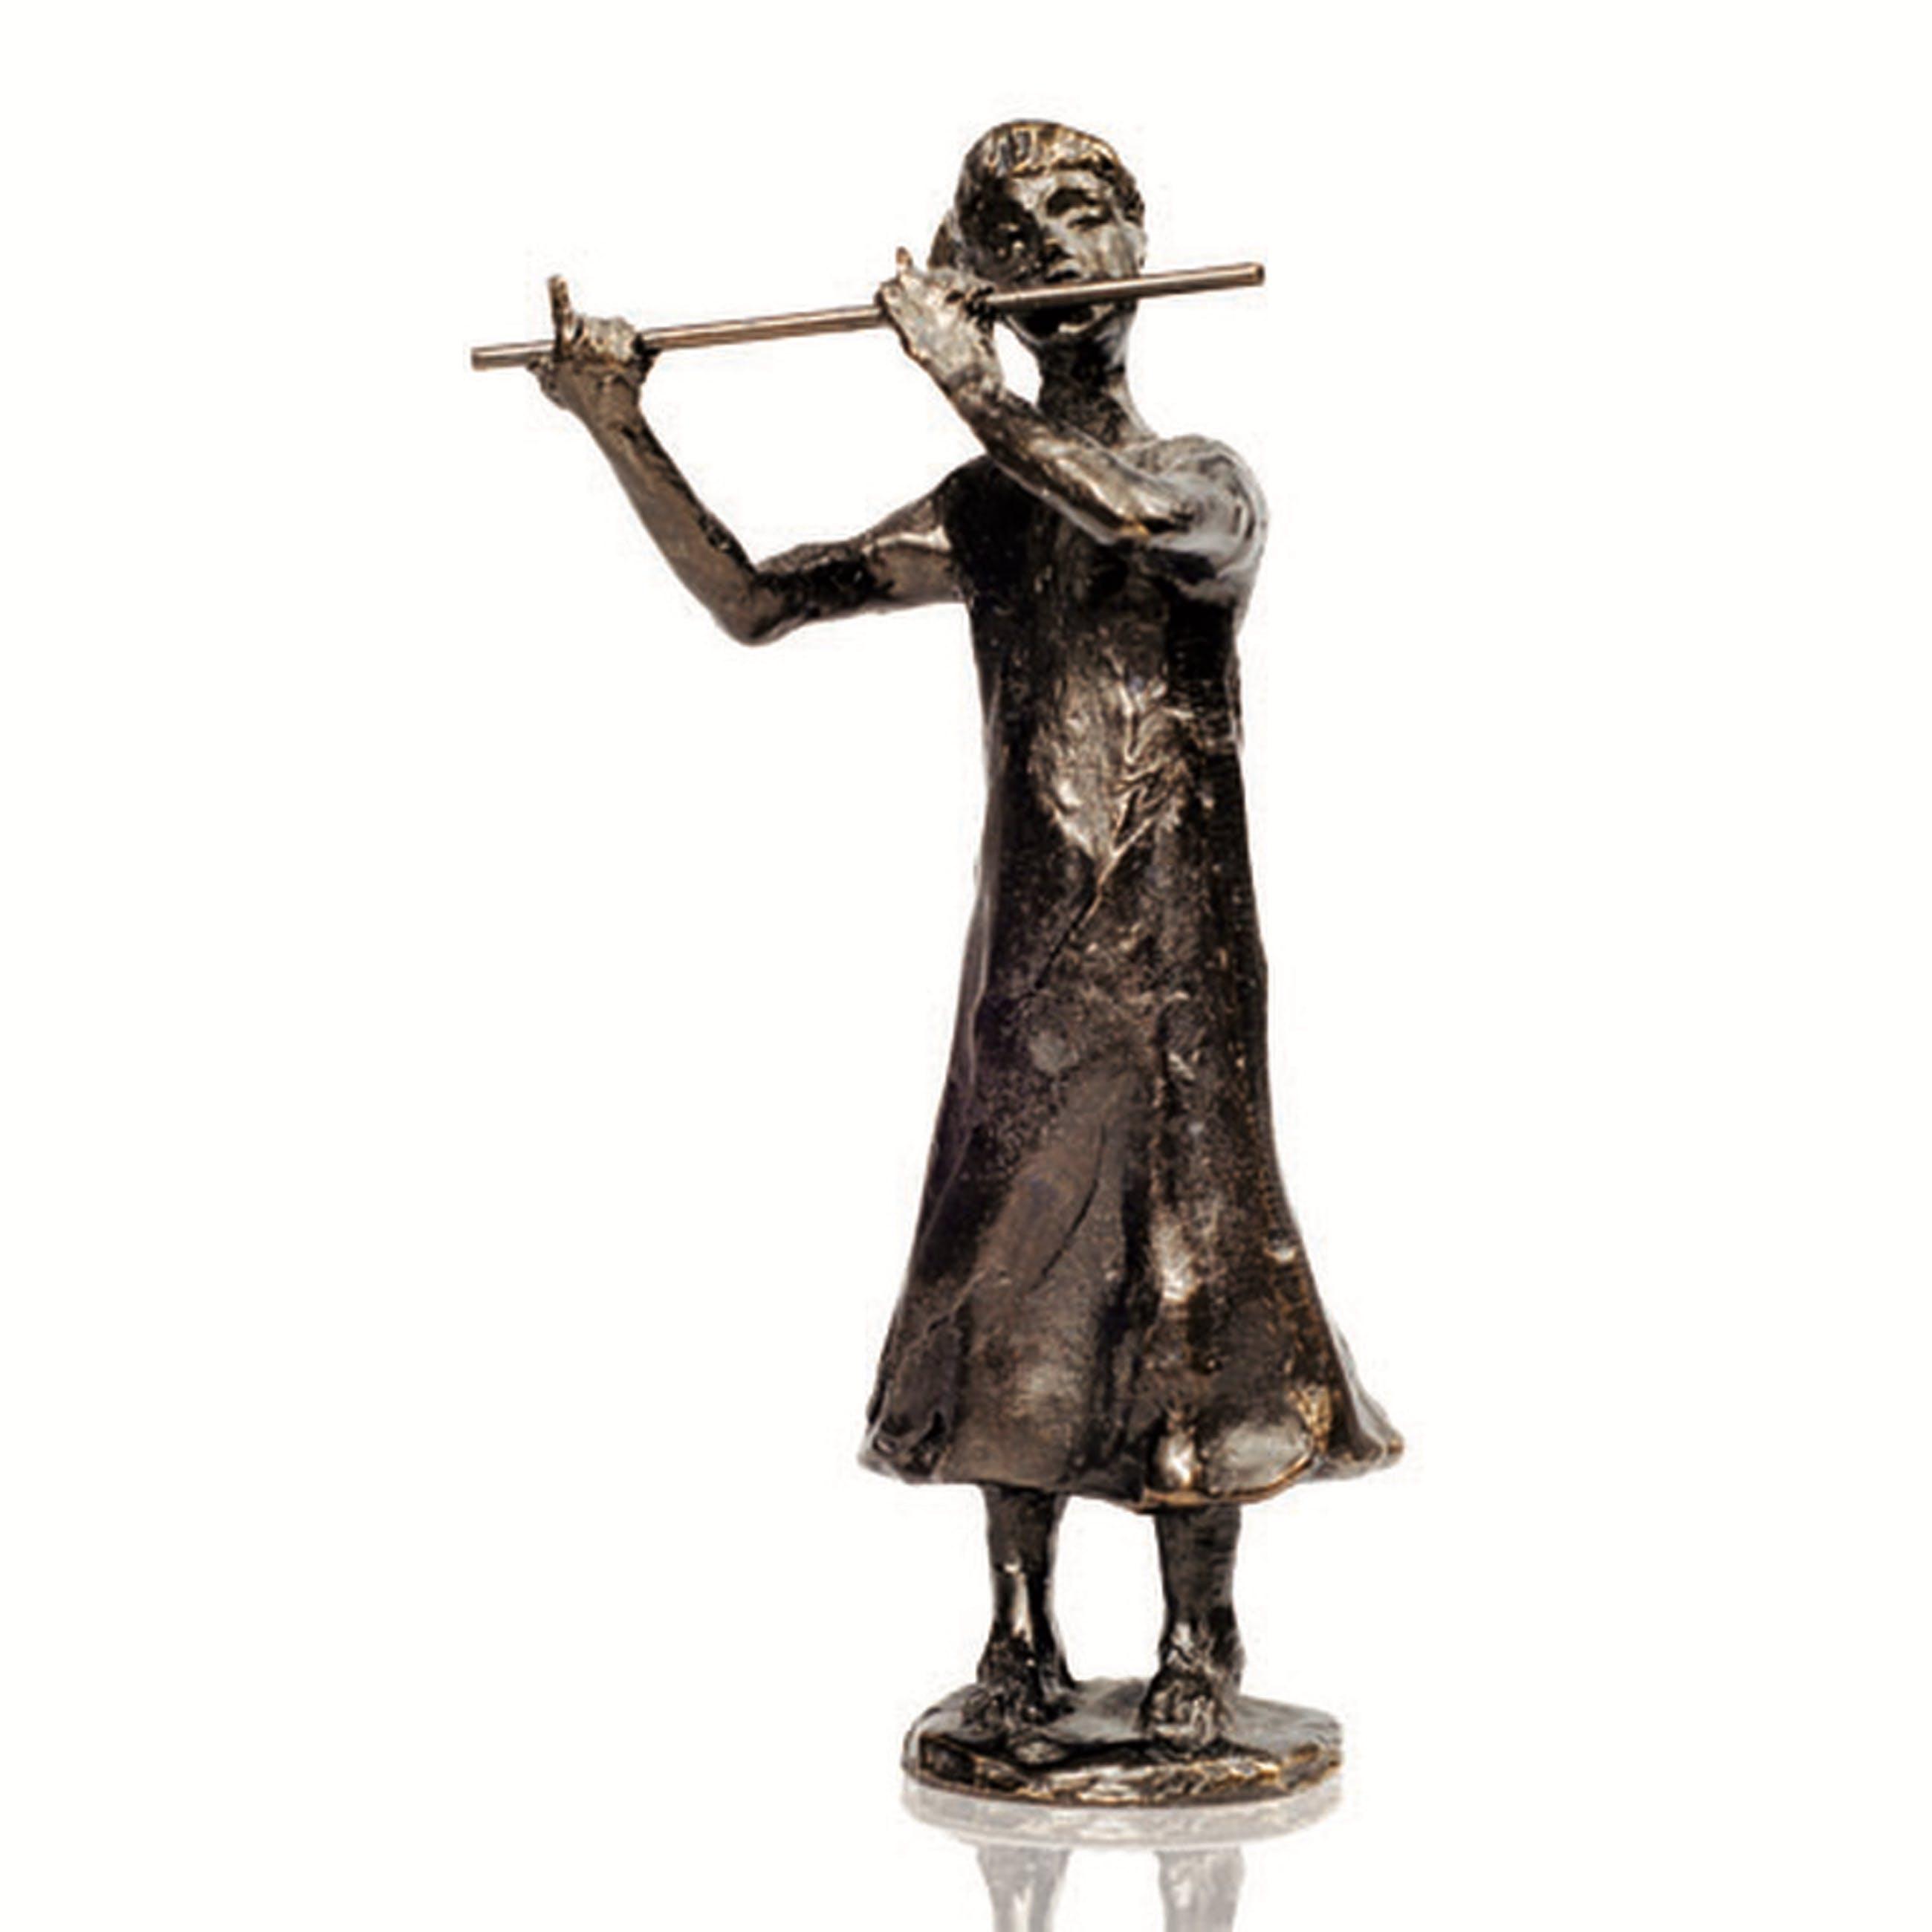 Corry Ammerlaan - Originele bronzen sculptuur  kopen? Bied vanaf 35!